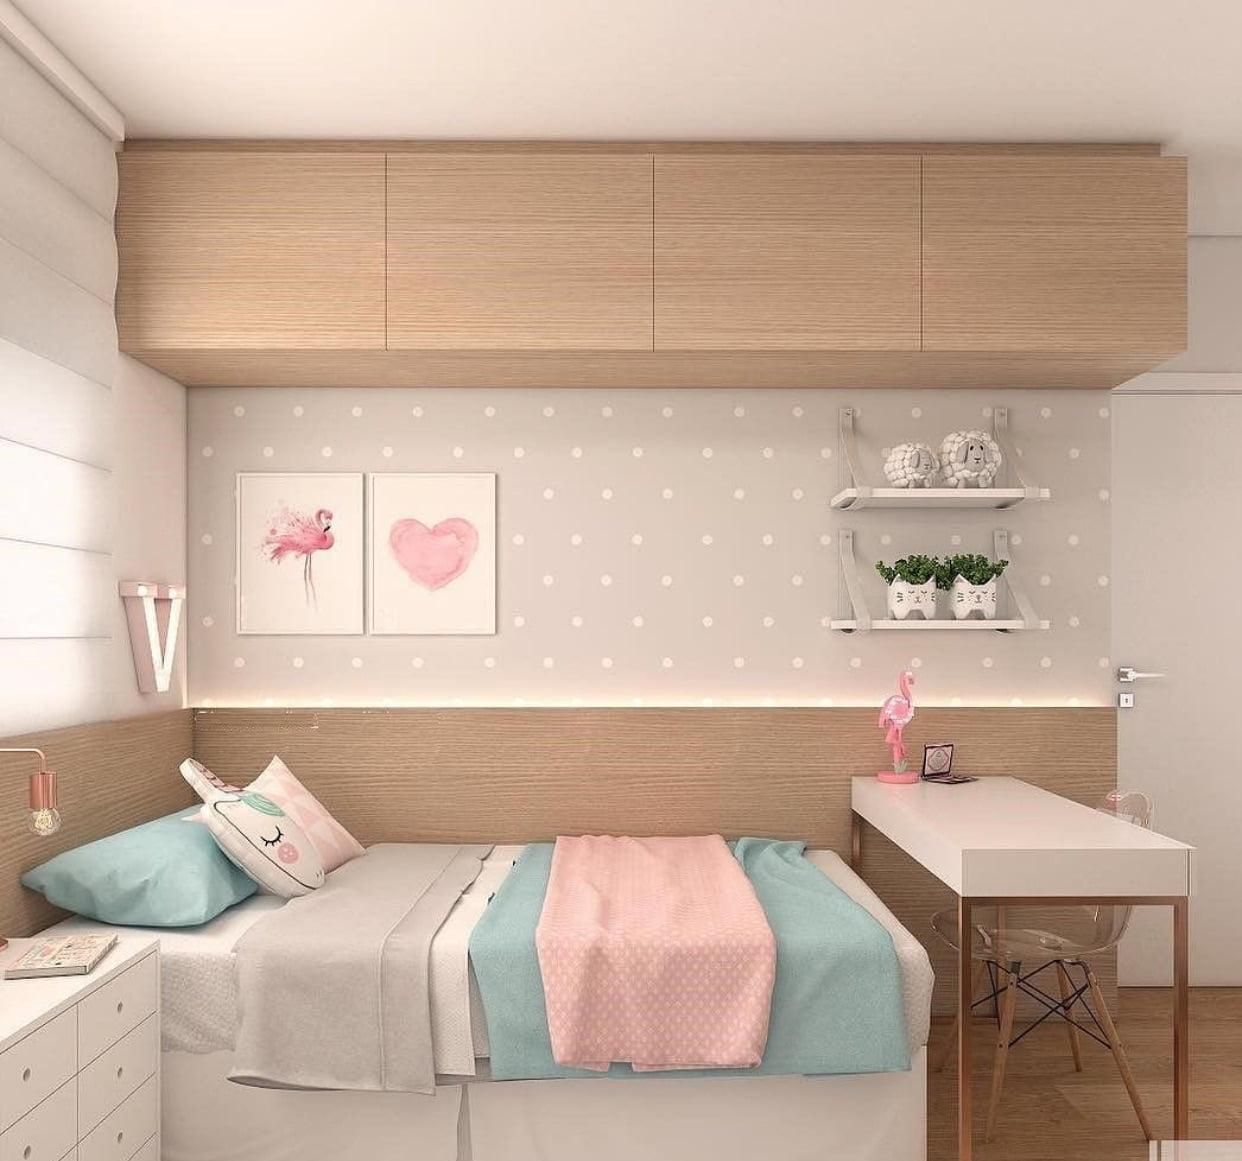 غرف نوم بنات 2020 - 2021